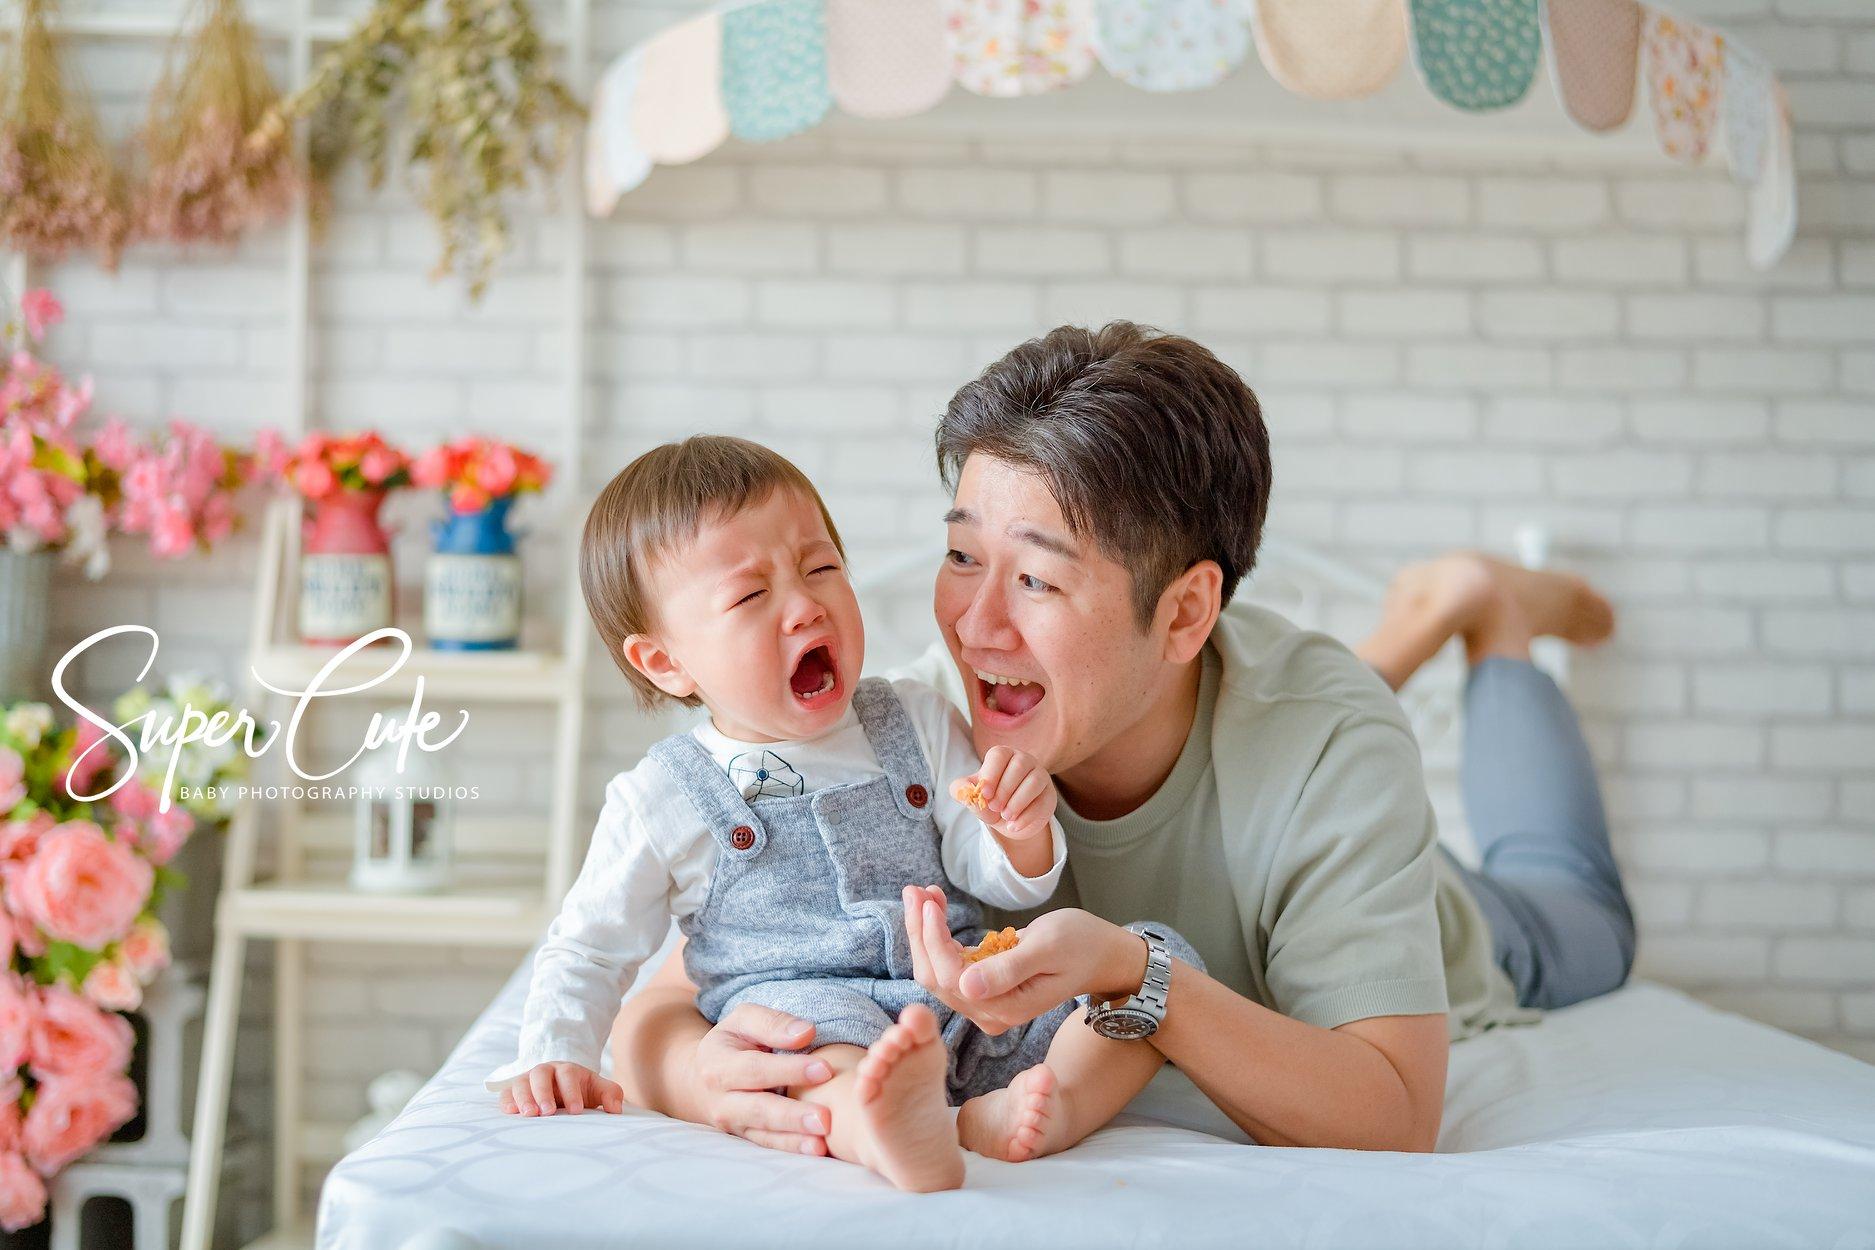 兒童寫真,寶寶寫真,小朱爸,親子寫真,supercute